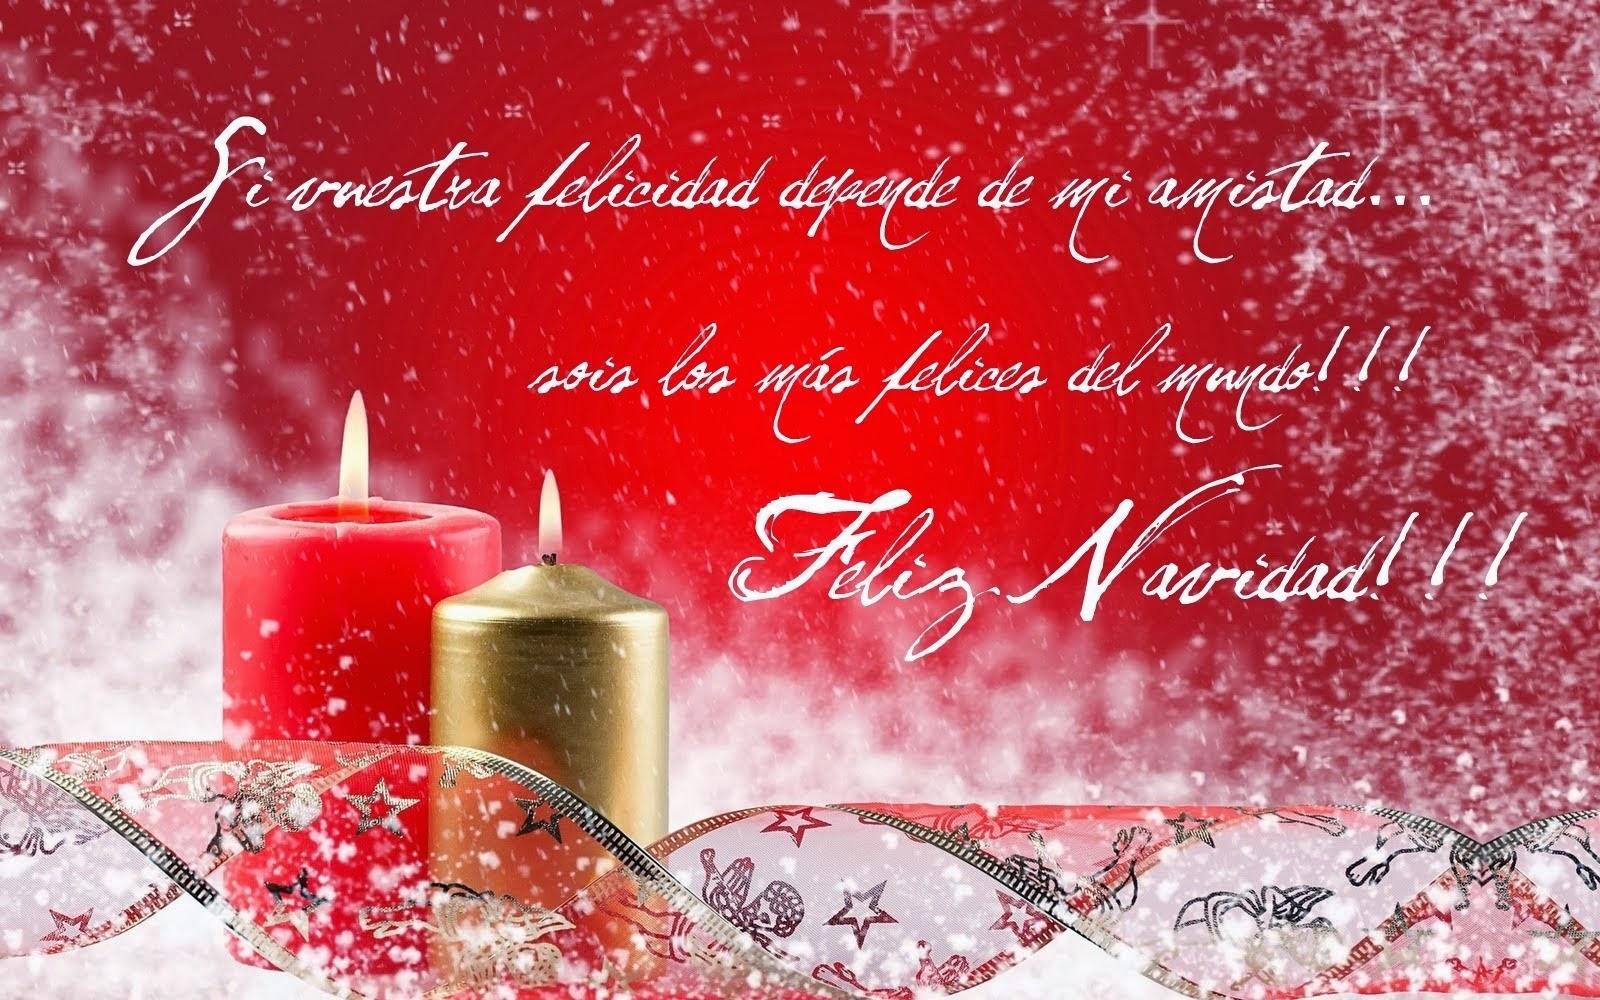 Poemas en imagenes acerca de navidad y año nuevo